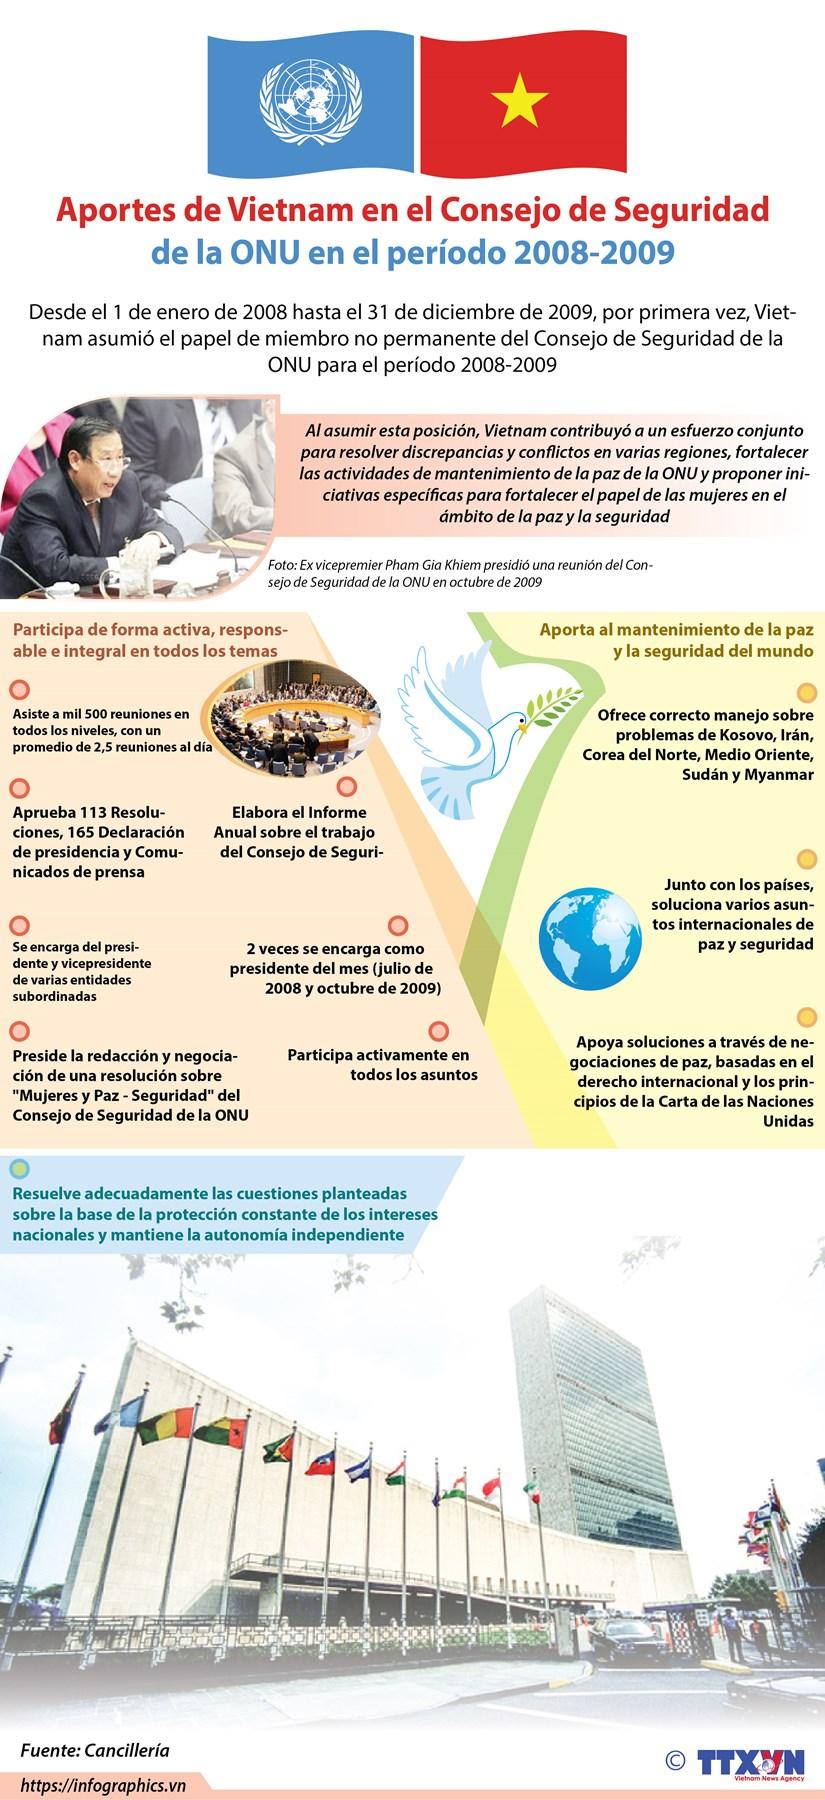 [Info] Aportes de Vietnam en el Consejo de Seguridad de la ONU en el periodo 2008-2009 hinh anh 1